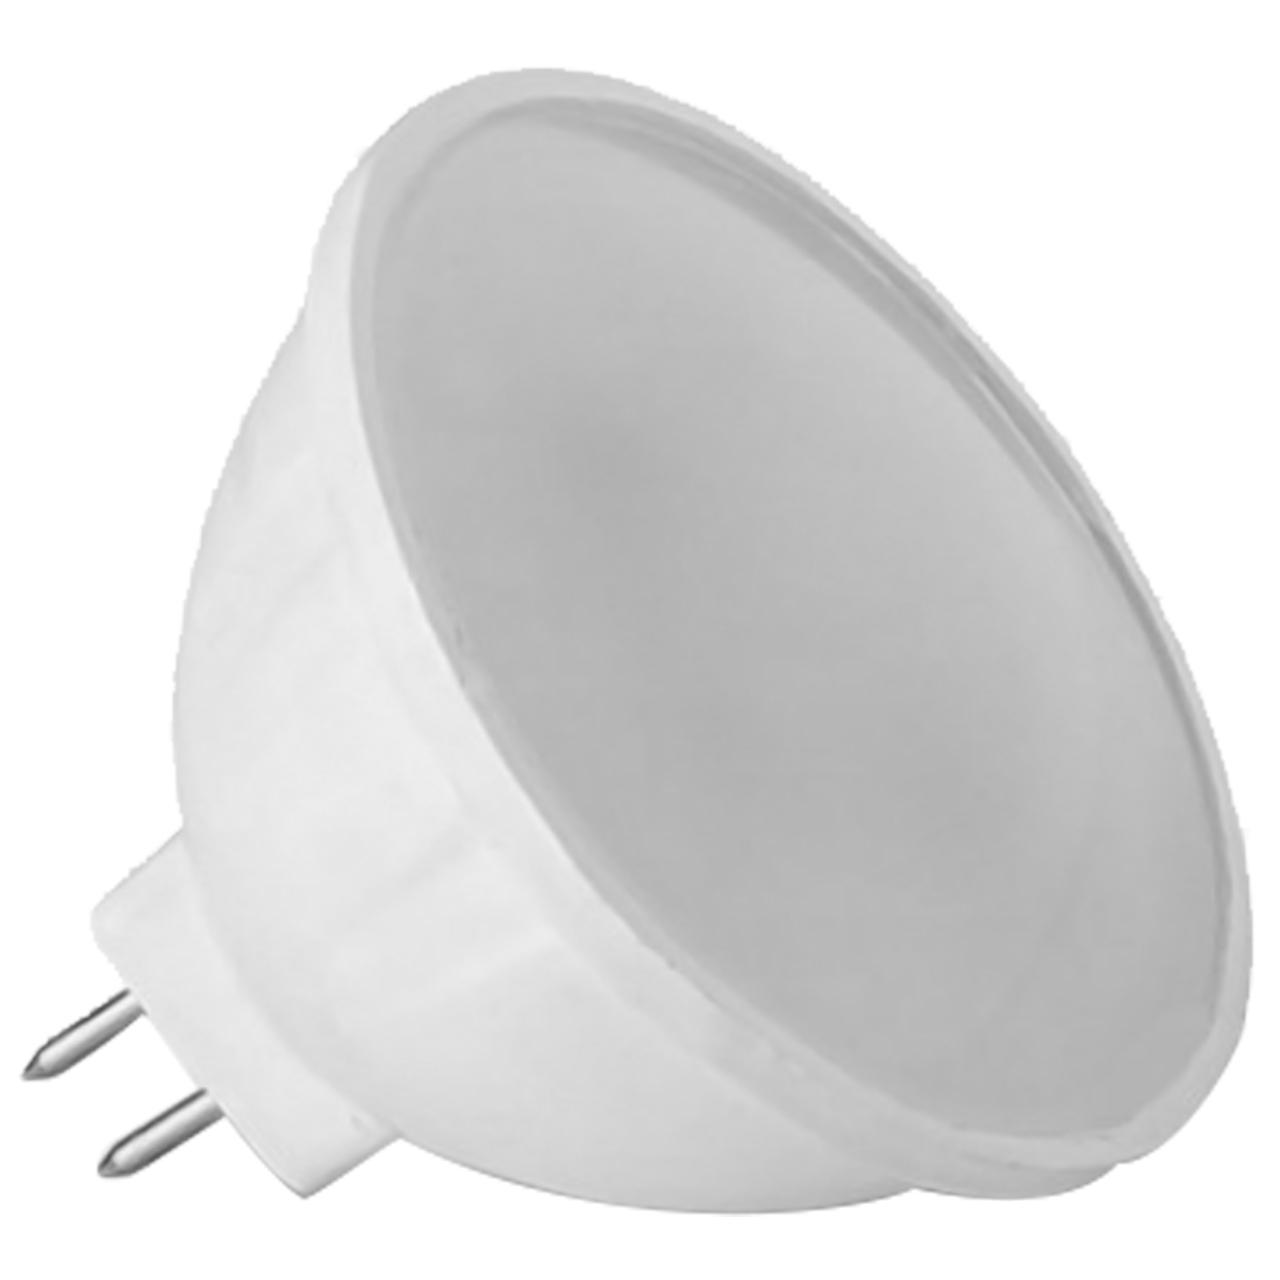 لامپ هالوژن SMD 5 وات نورسام مدل MR16